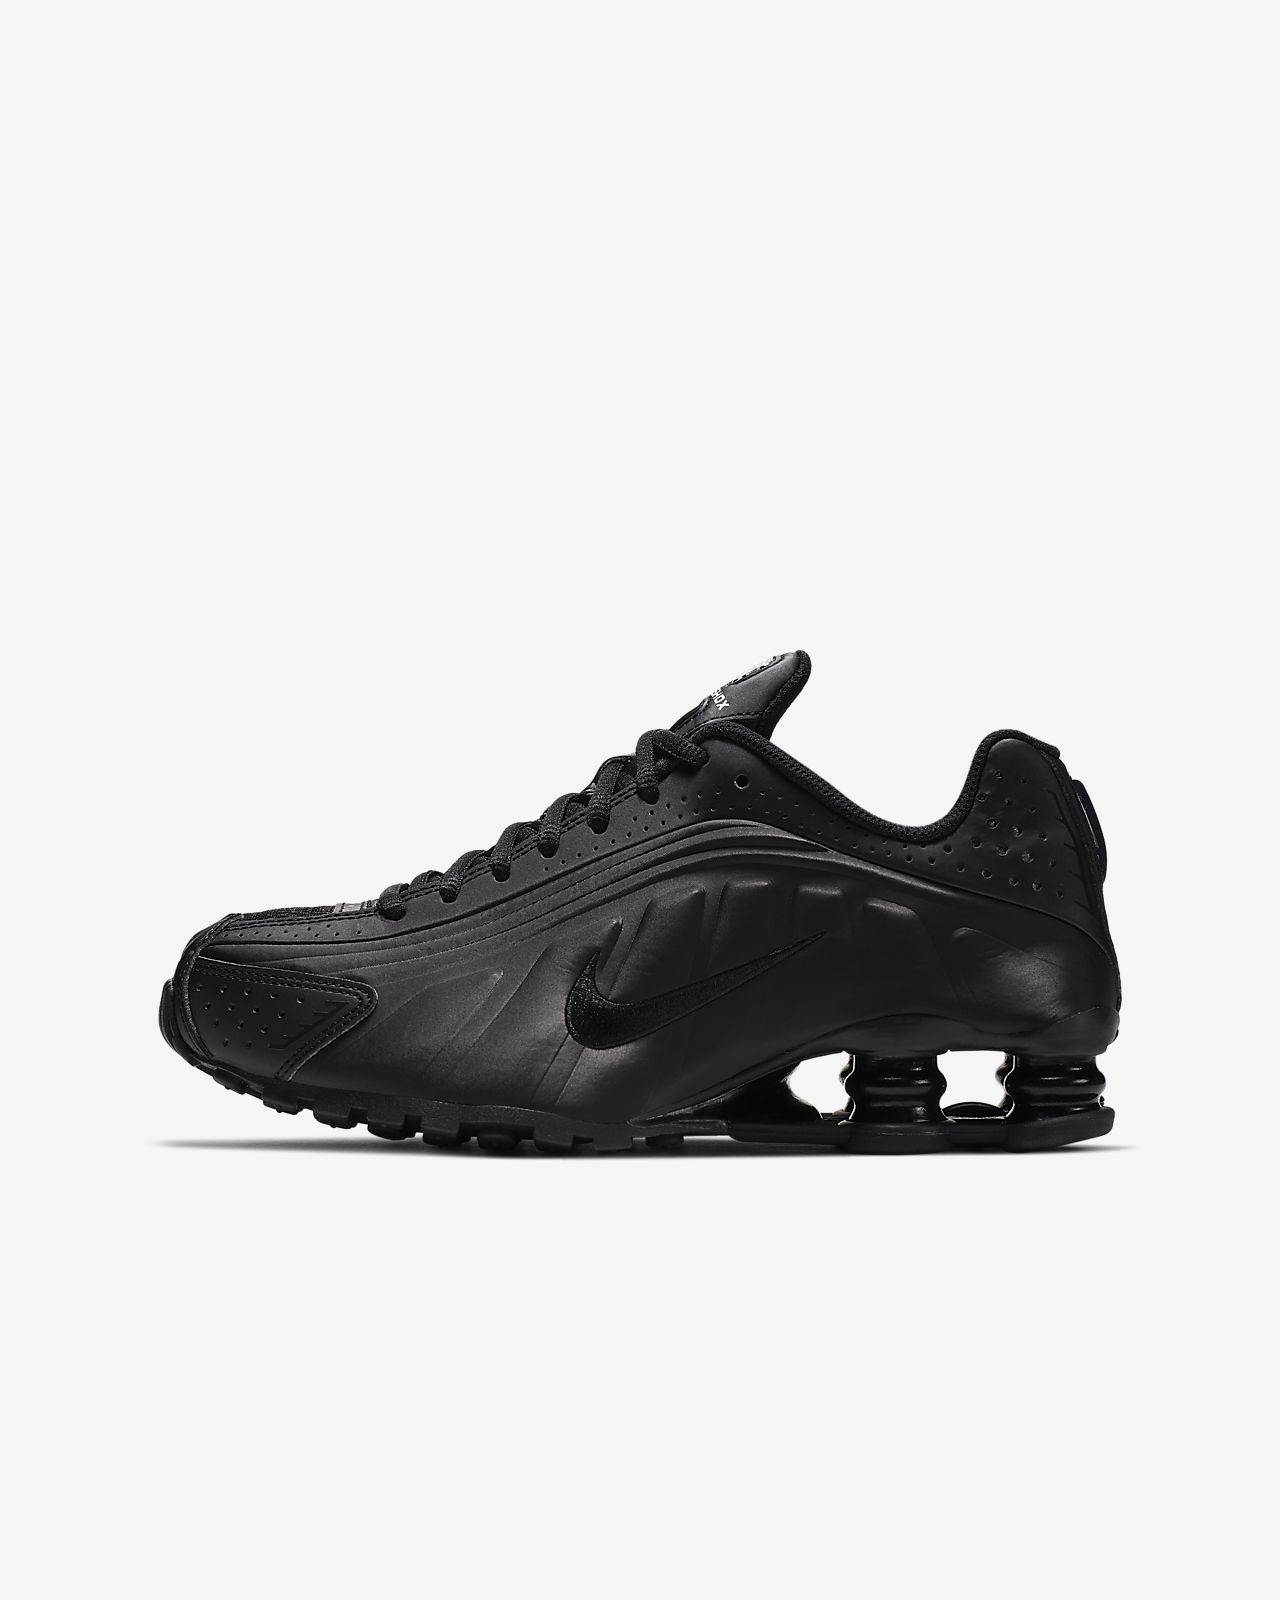 Nike Shox R4 Kinderschoen